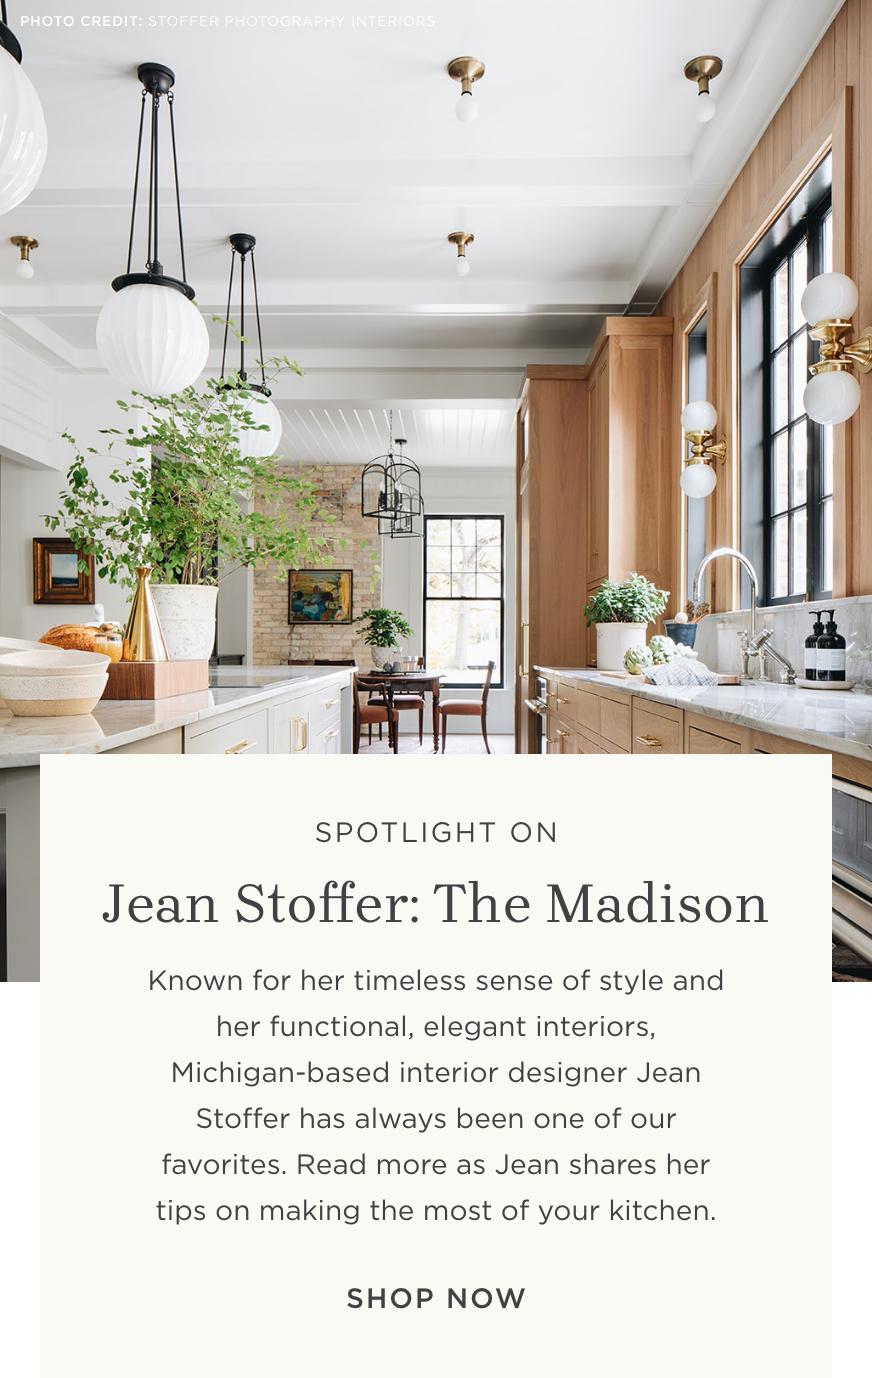 Spotlight on: Jean Stoffer